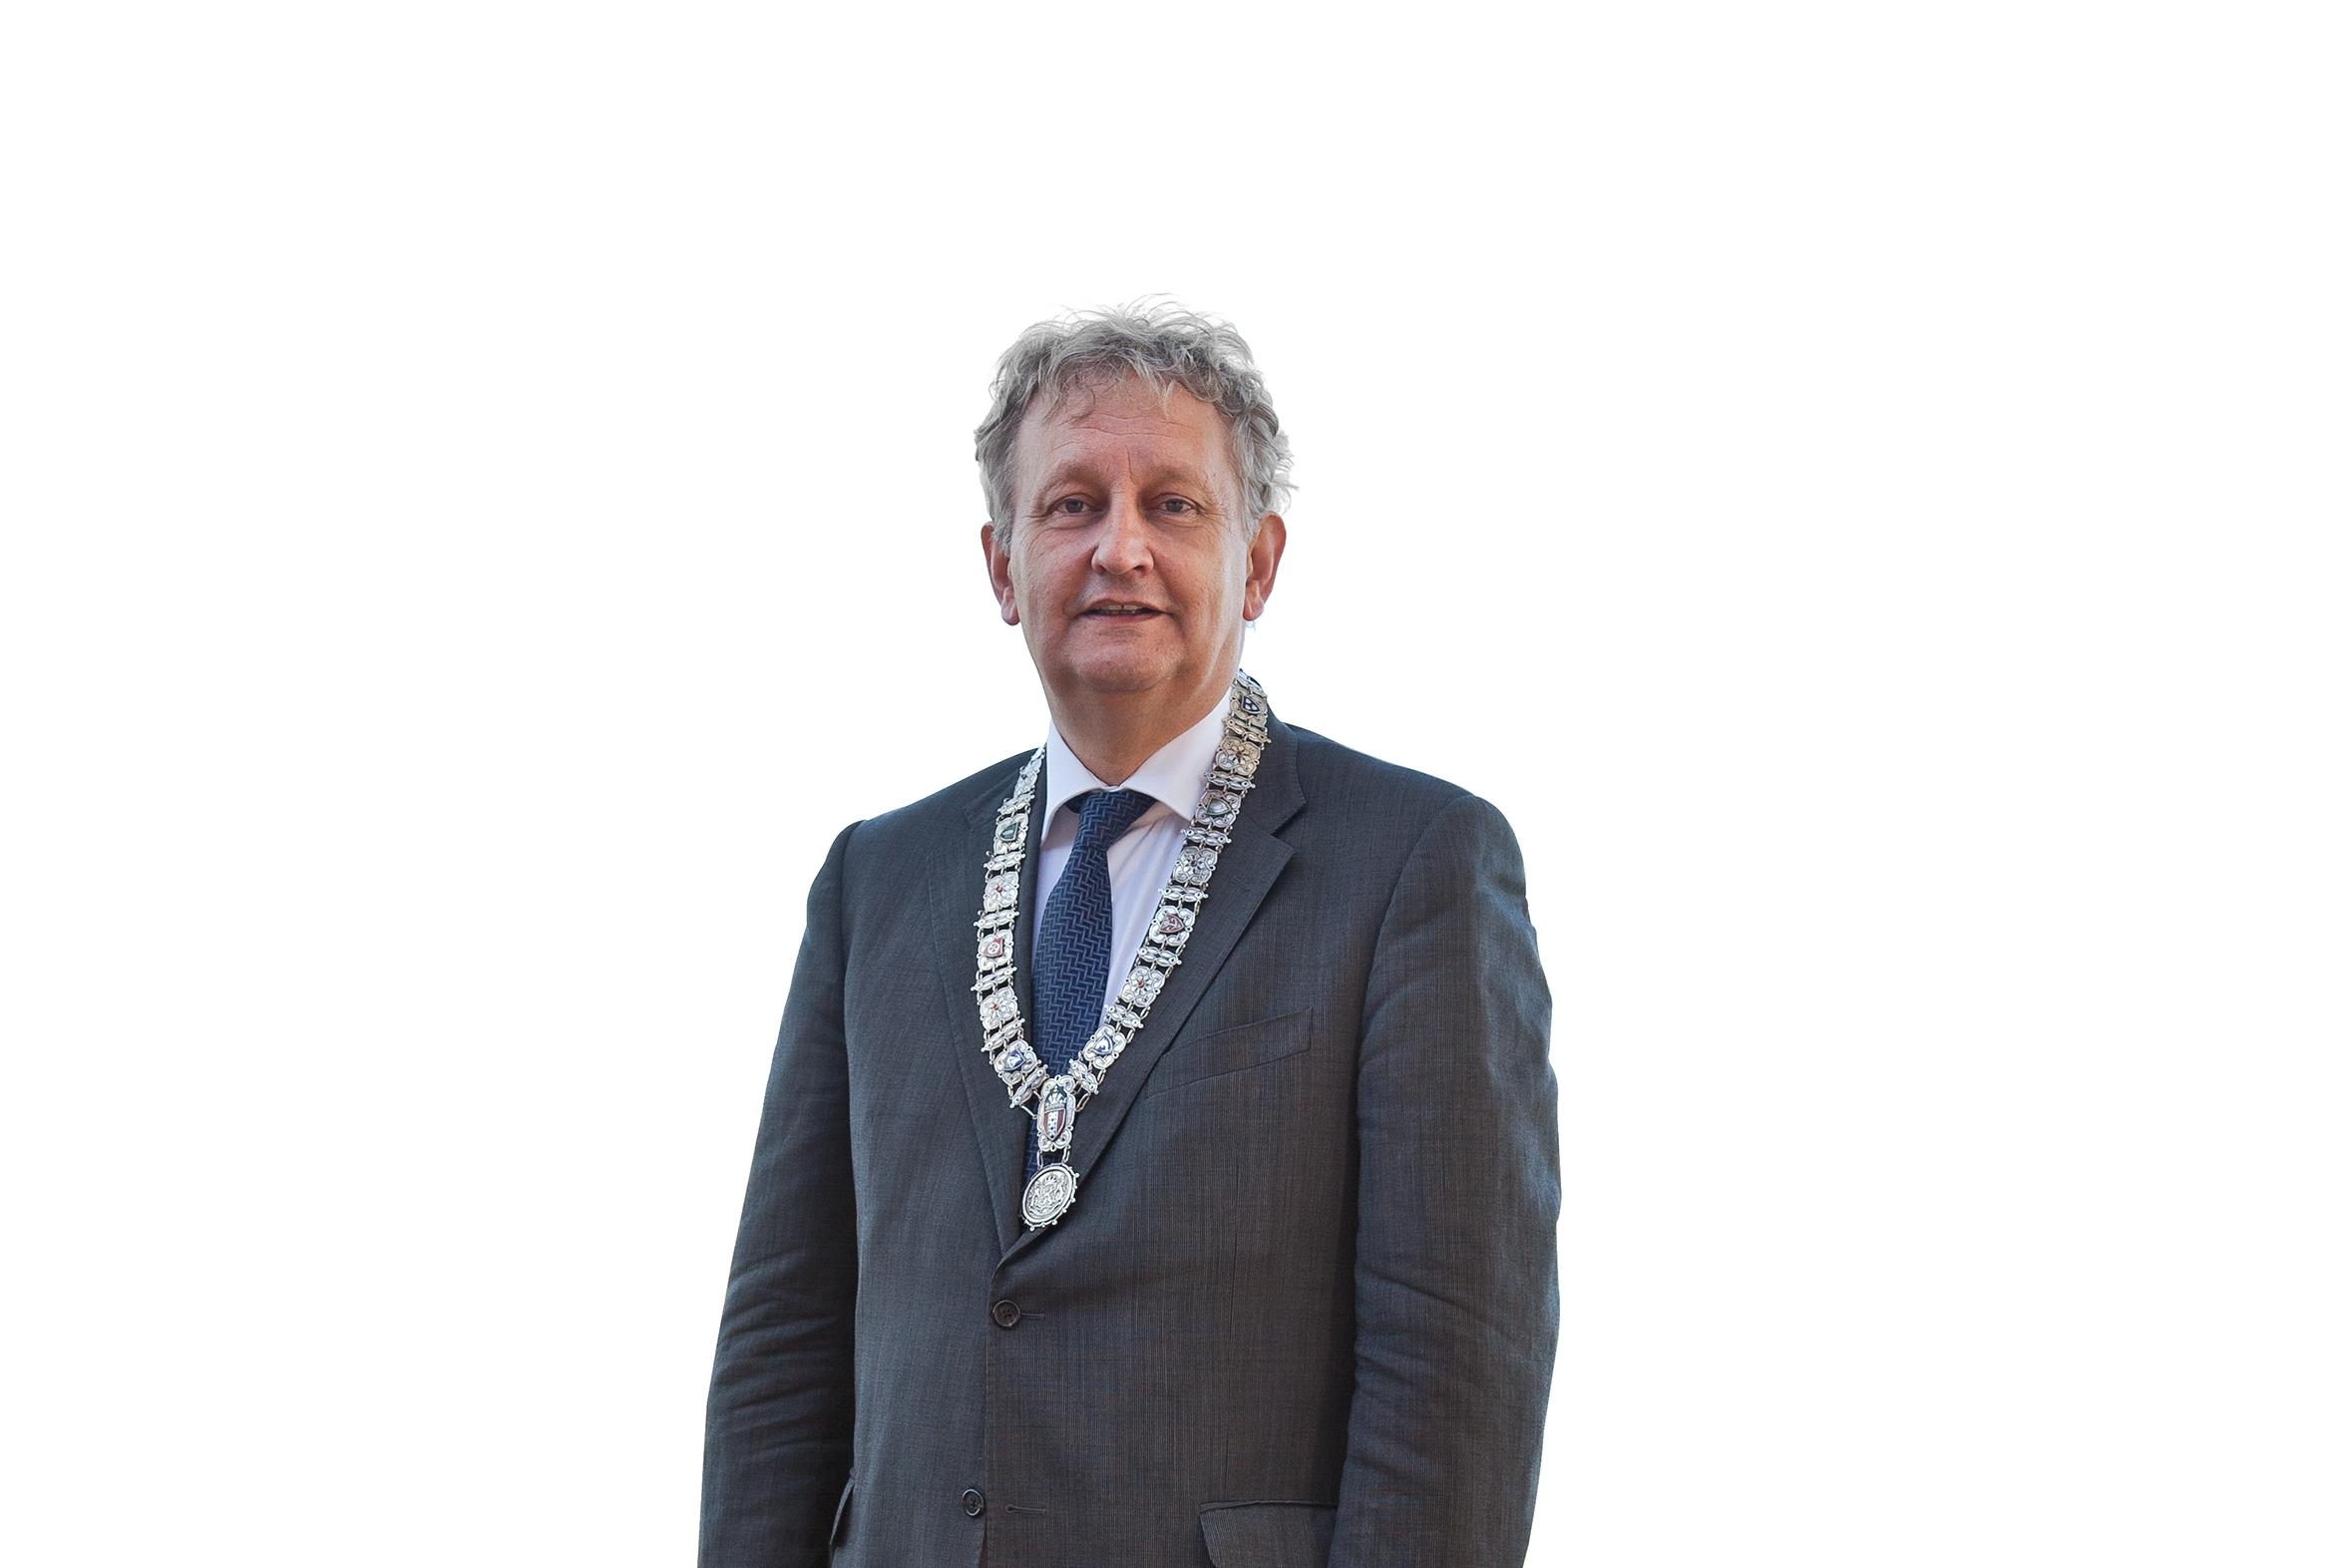 Eberhard van der Laan (Foto: amsterdam.nl)